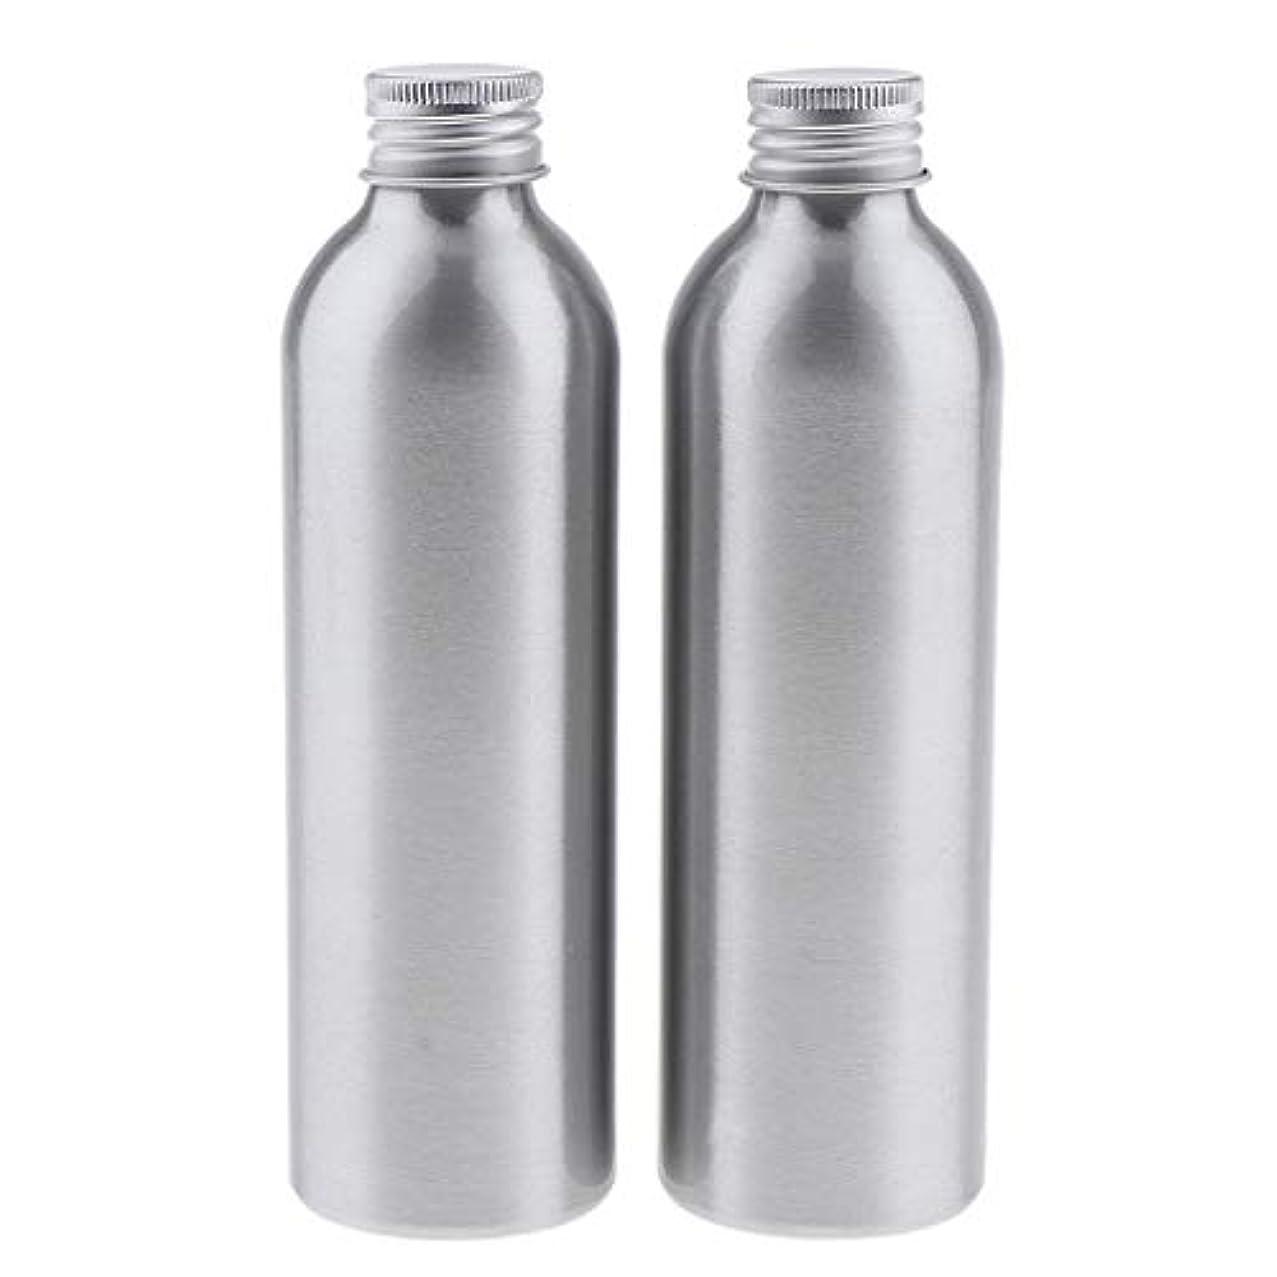 オーストラリア発見する明るくするDYNWAVE 2本 アルミボトル 空容器 化粧品収納容器 ディスペンサーボトル シルバー 全5サイズ - 250ml